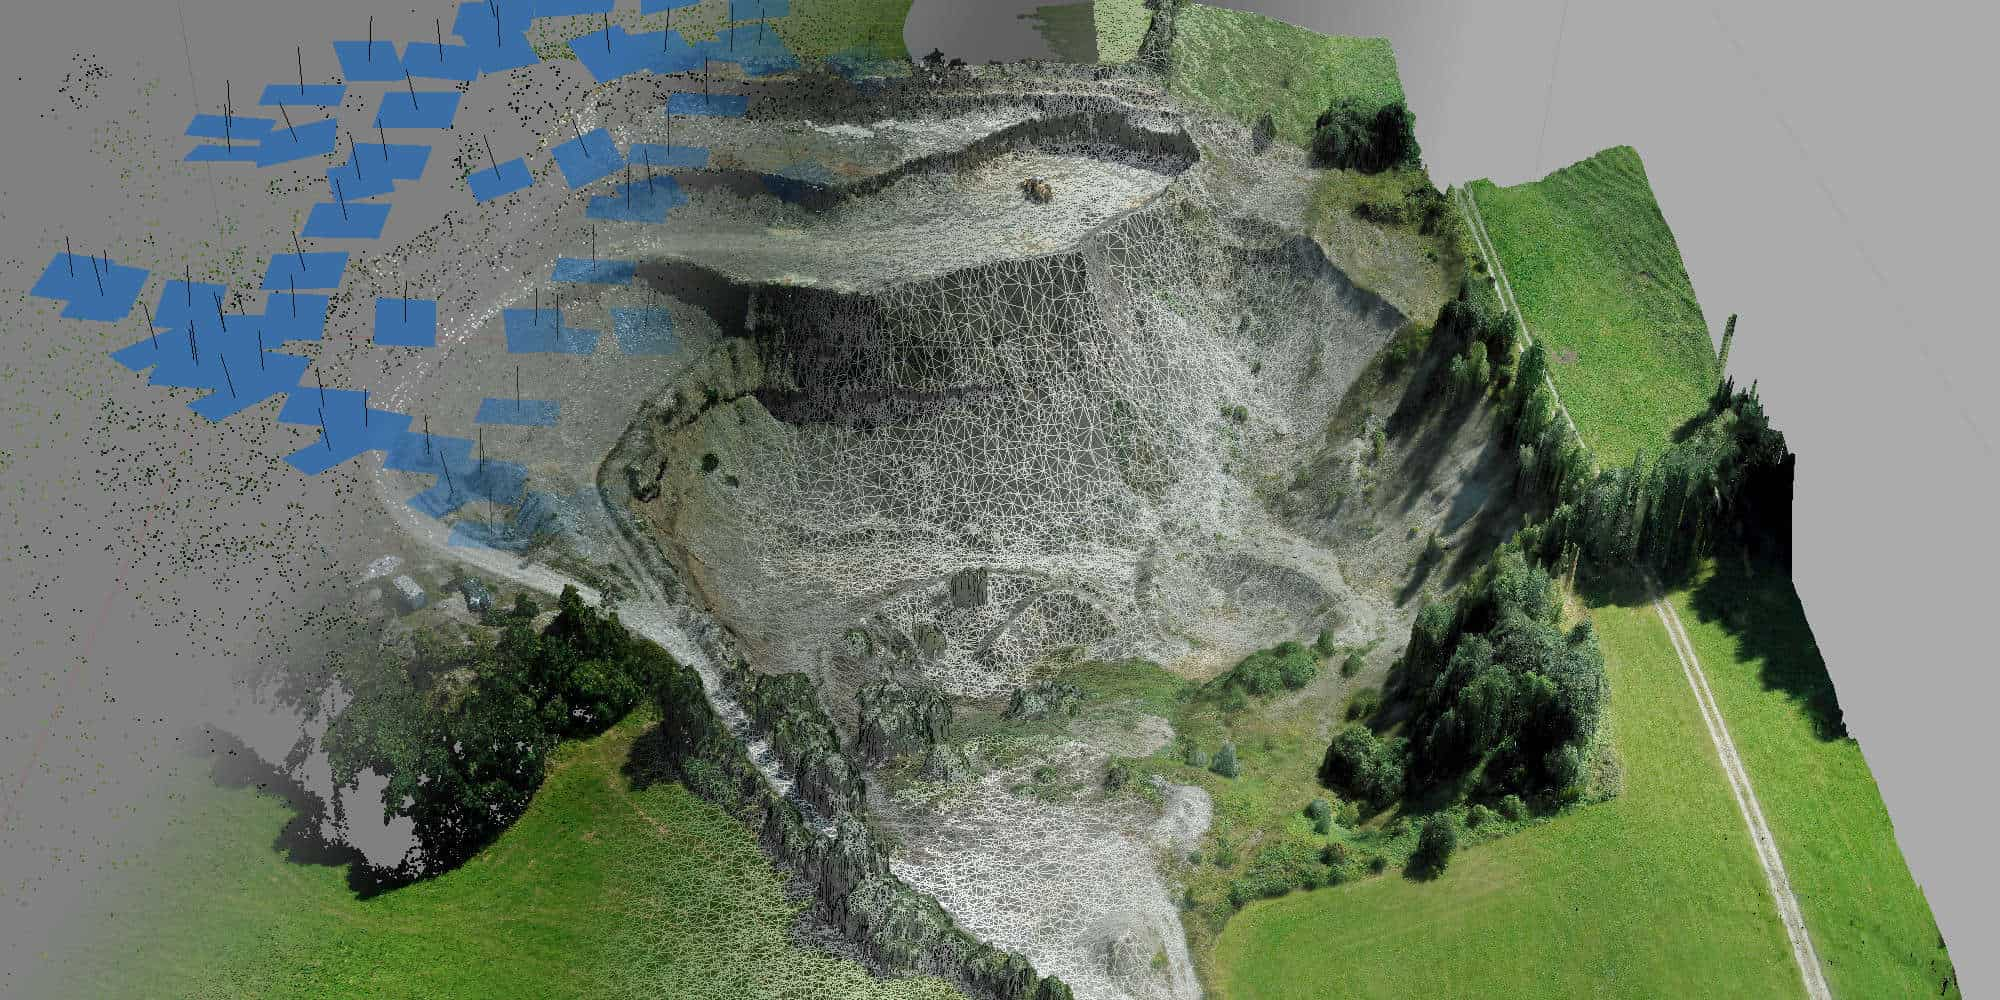 3D Drohnen Vermessung Kiesgrube Geiger OFME Drone Maps [87654 Friesenried]